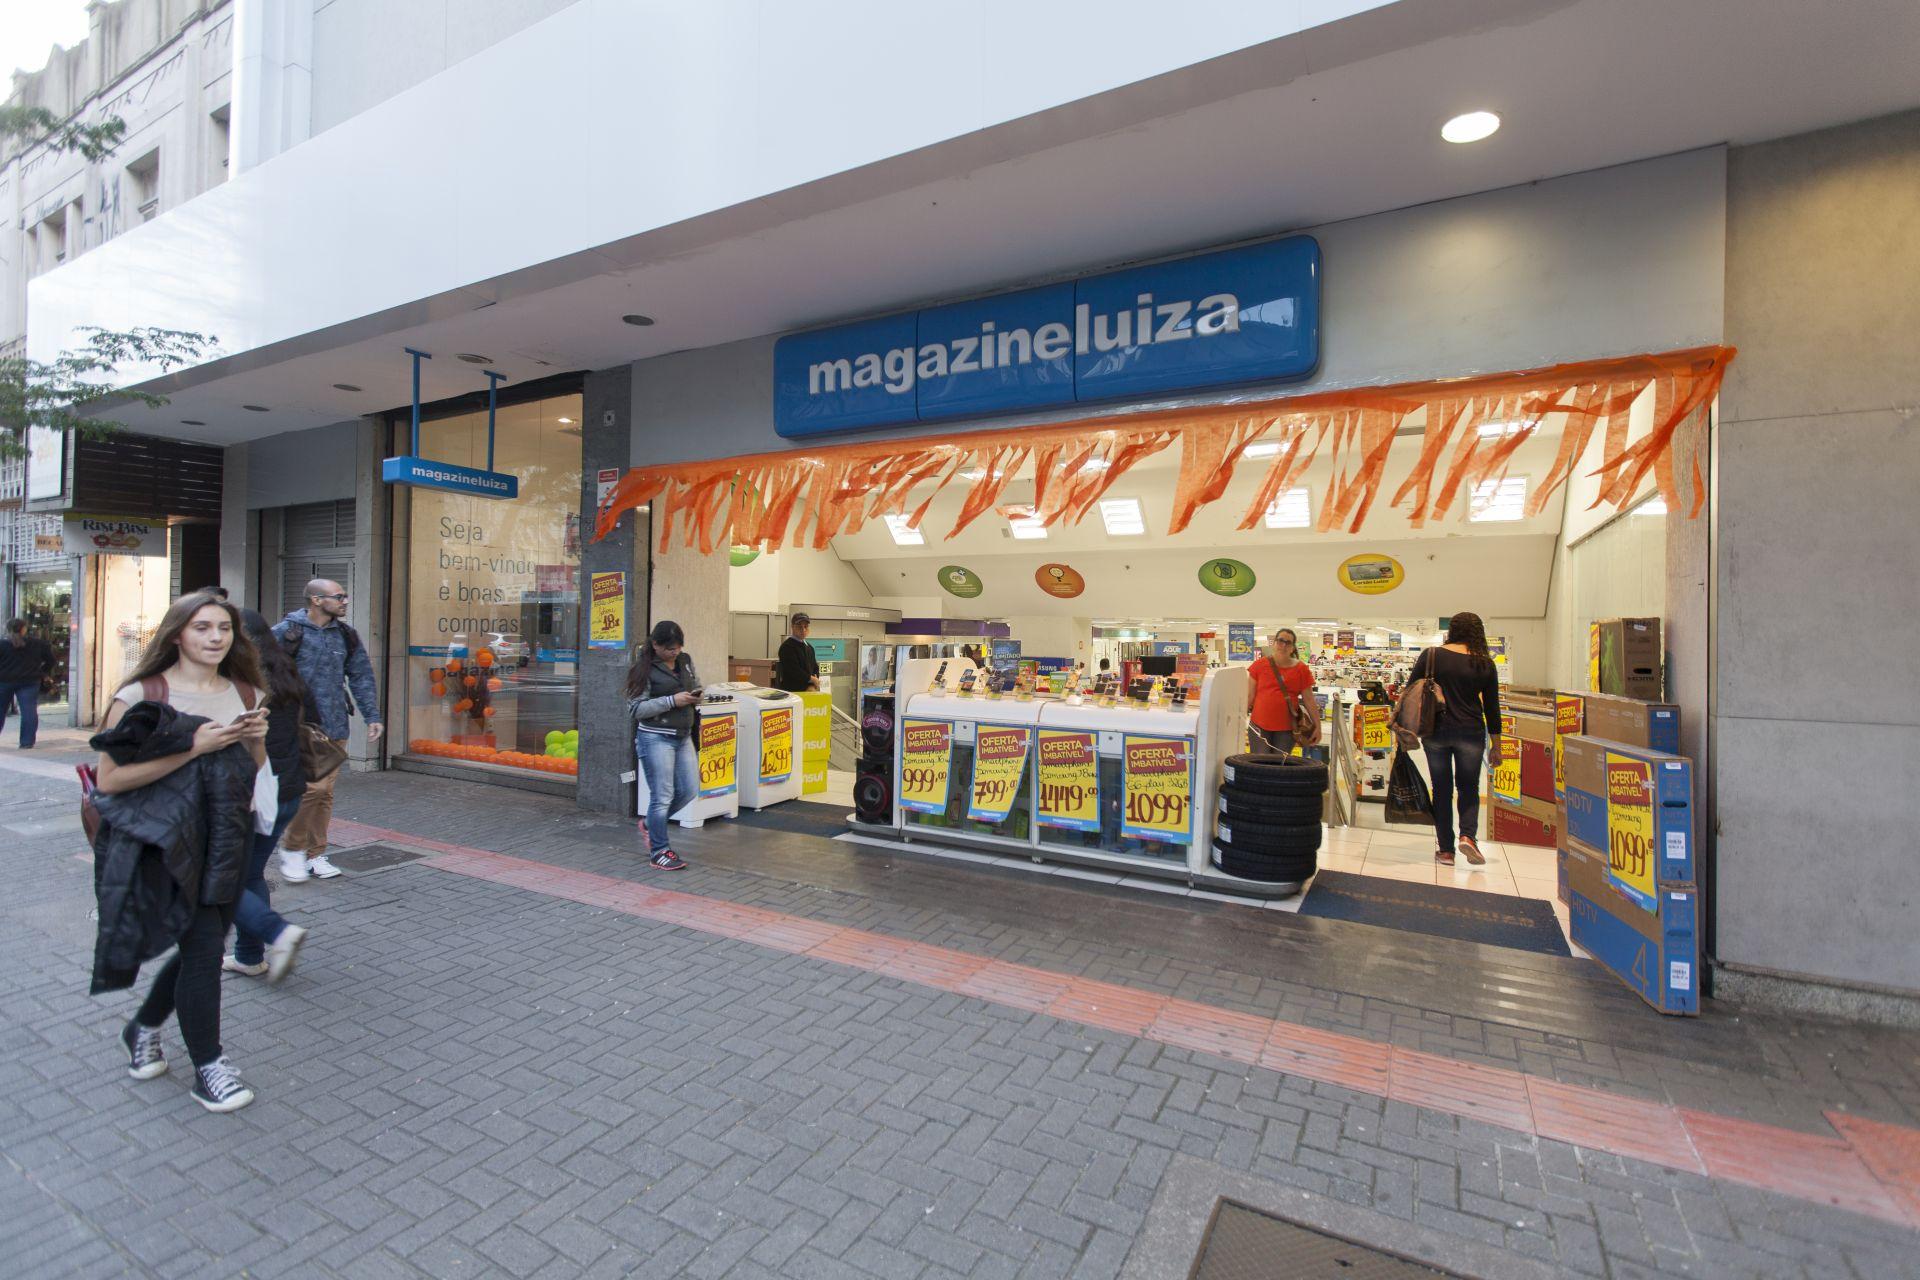 Sem presença física: nessa unidade da loja, os arquivos de áudio são gravados diariamente por um locutor contratado. Foto: Fernando Zequinão/Gazeta do Povo